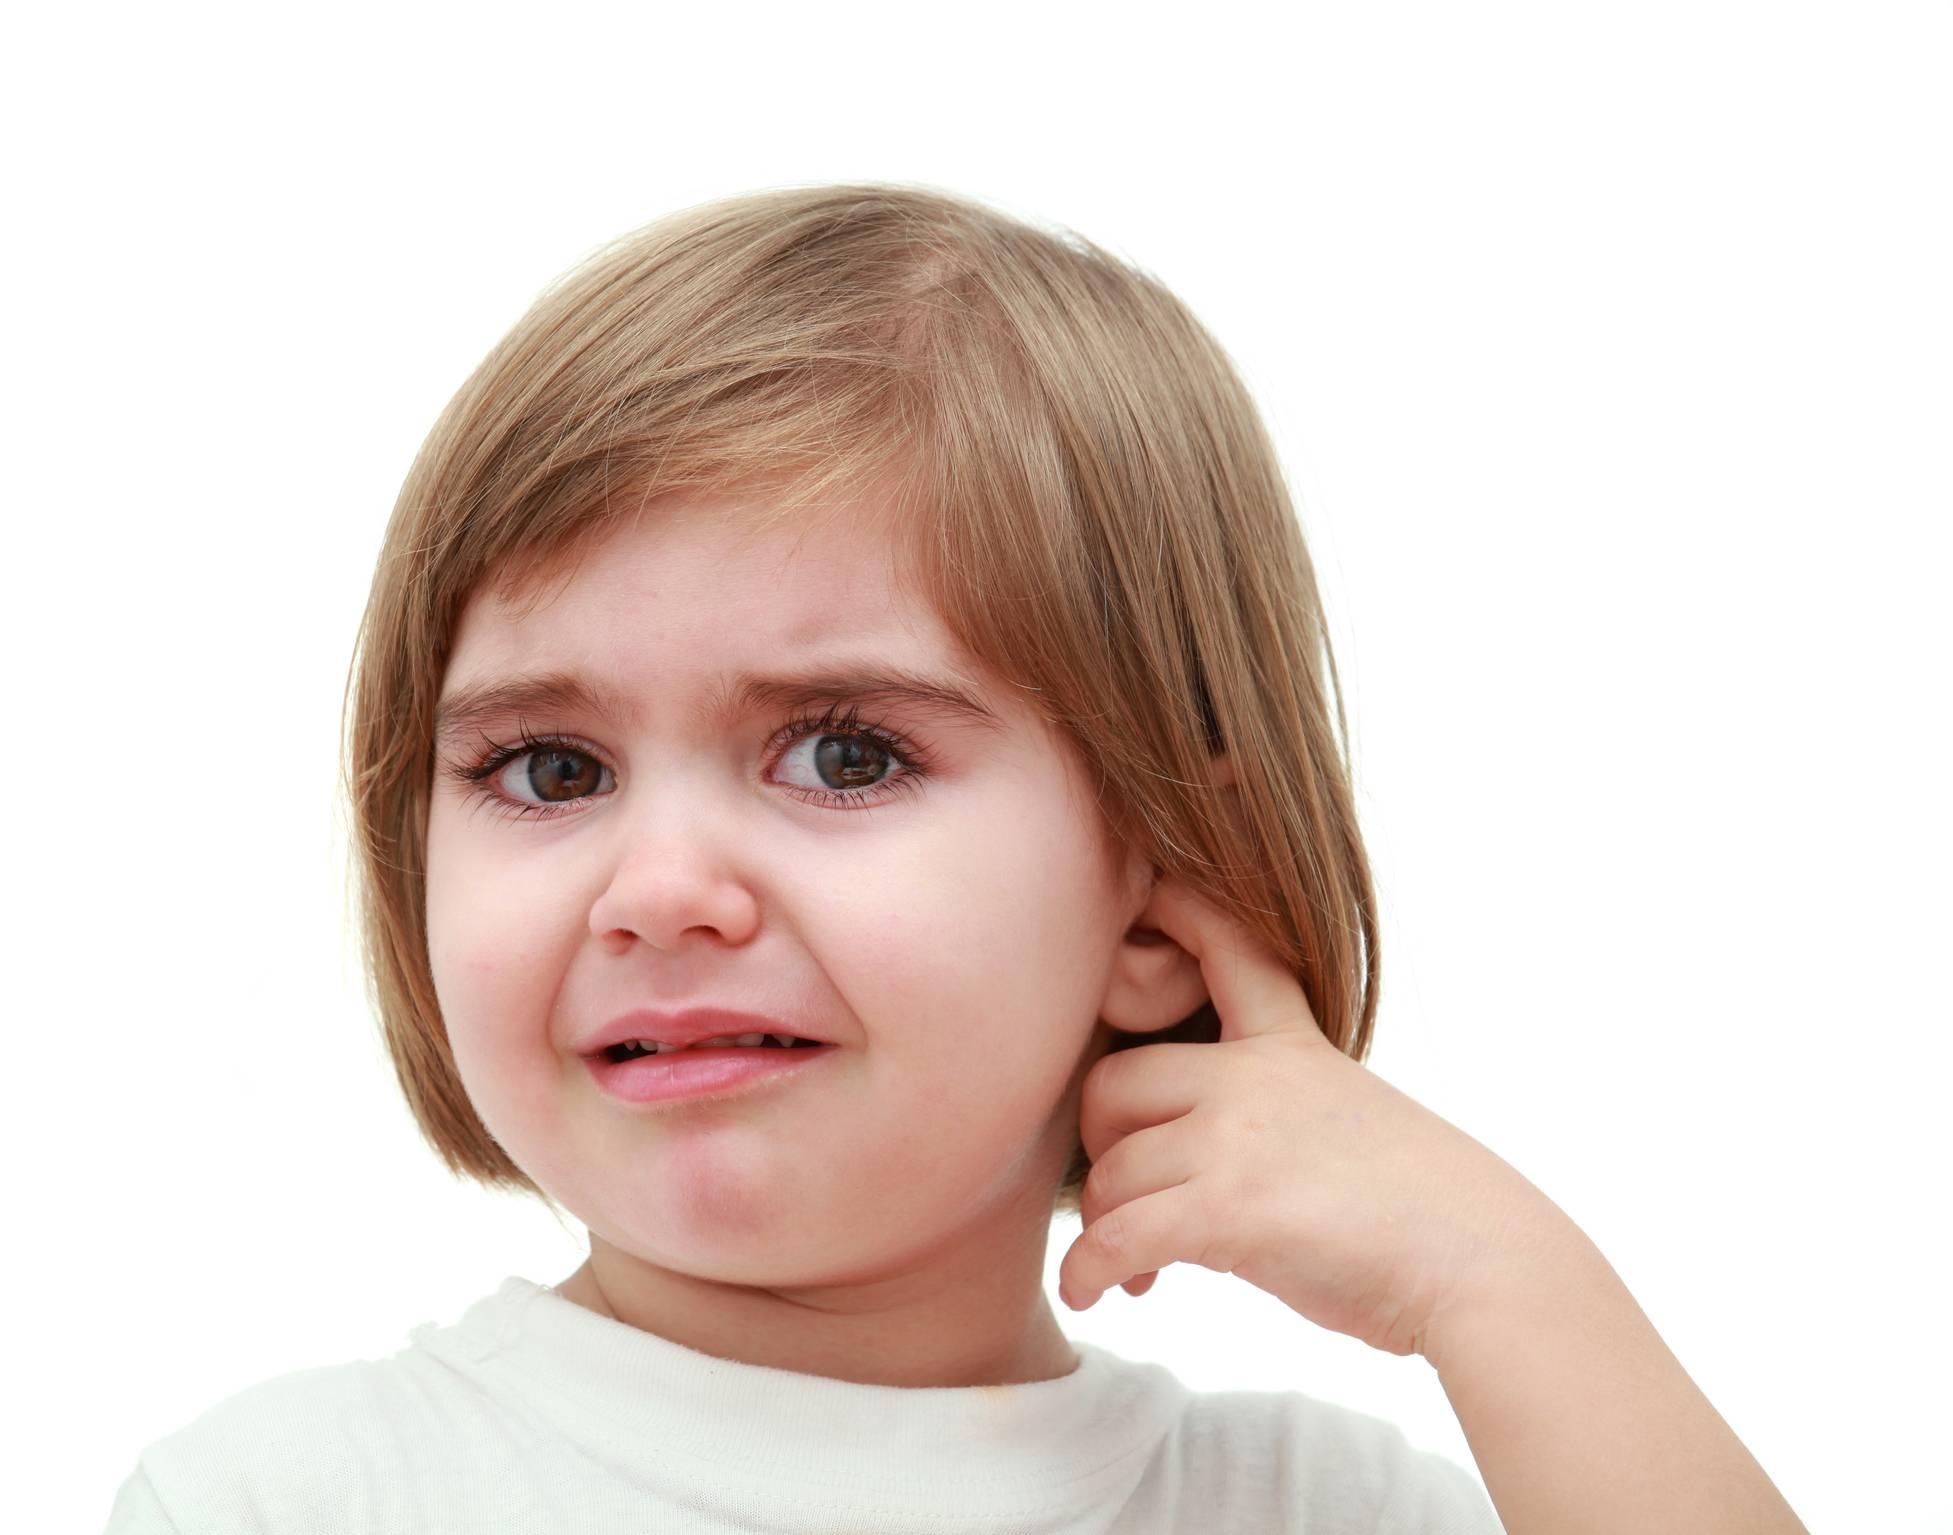 болит ушко у ребенка 3 года